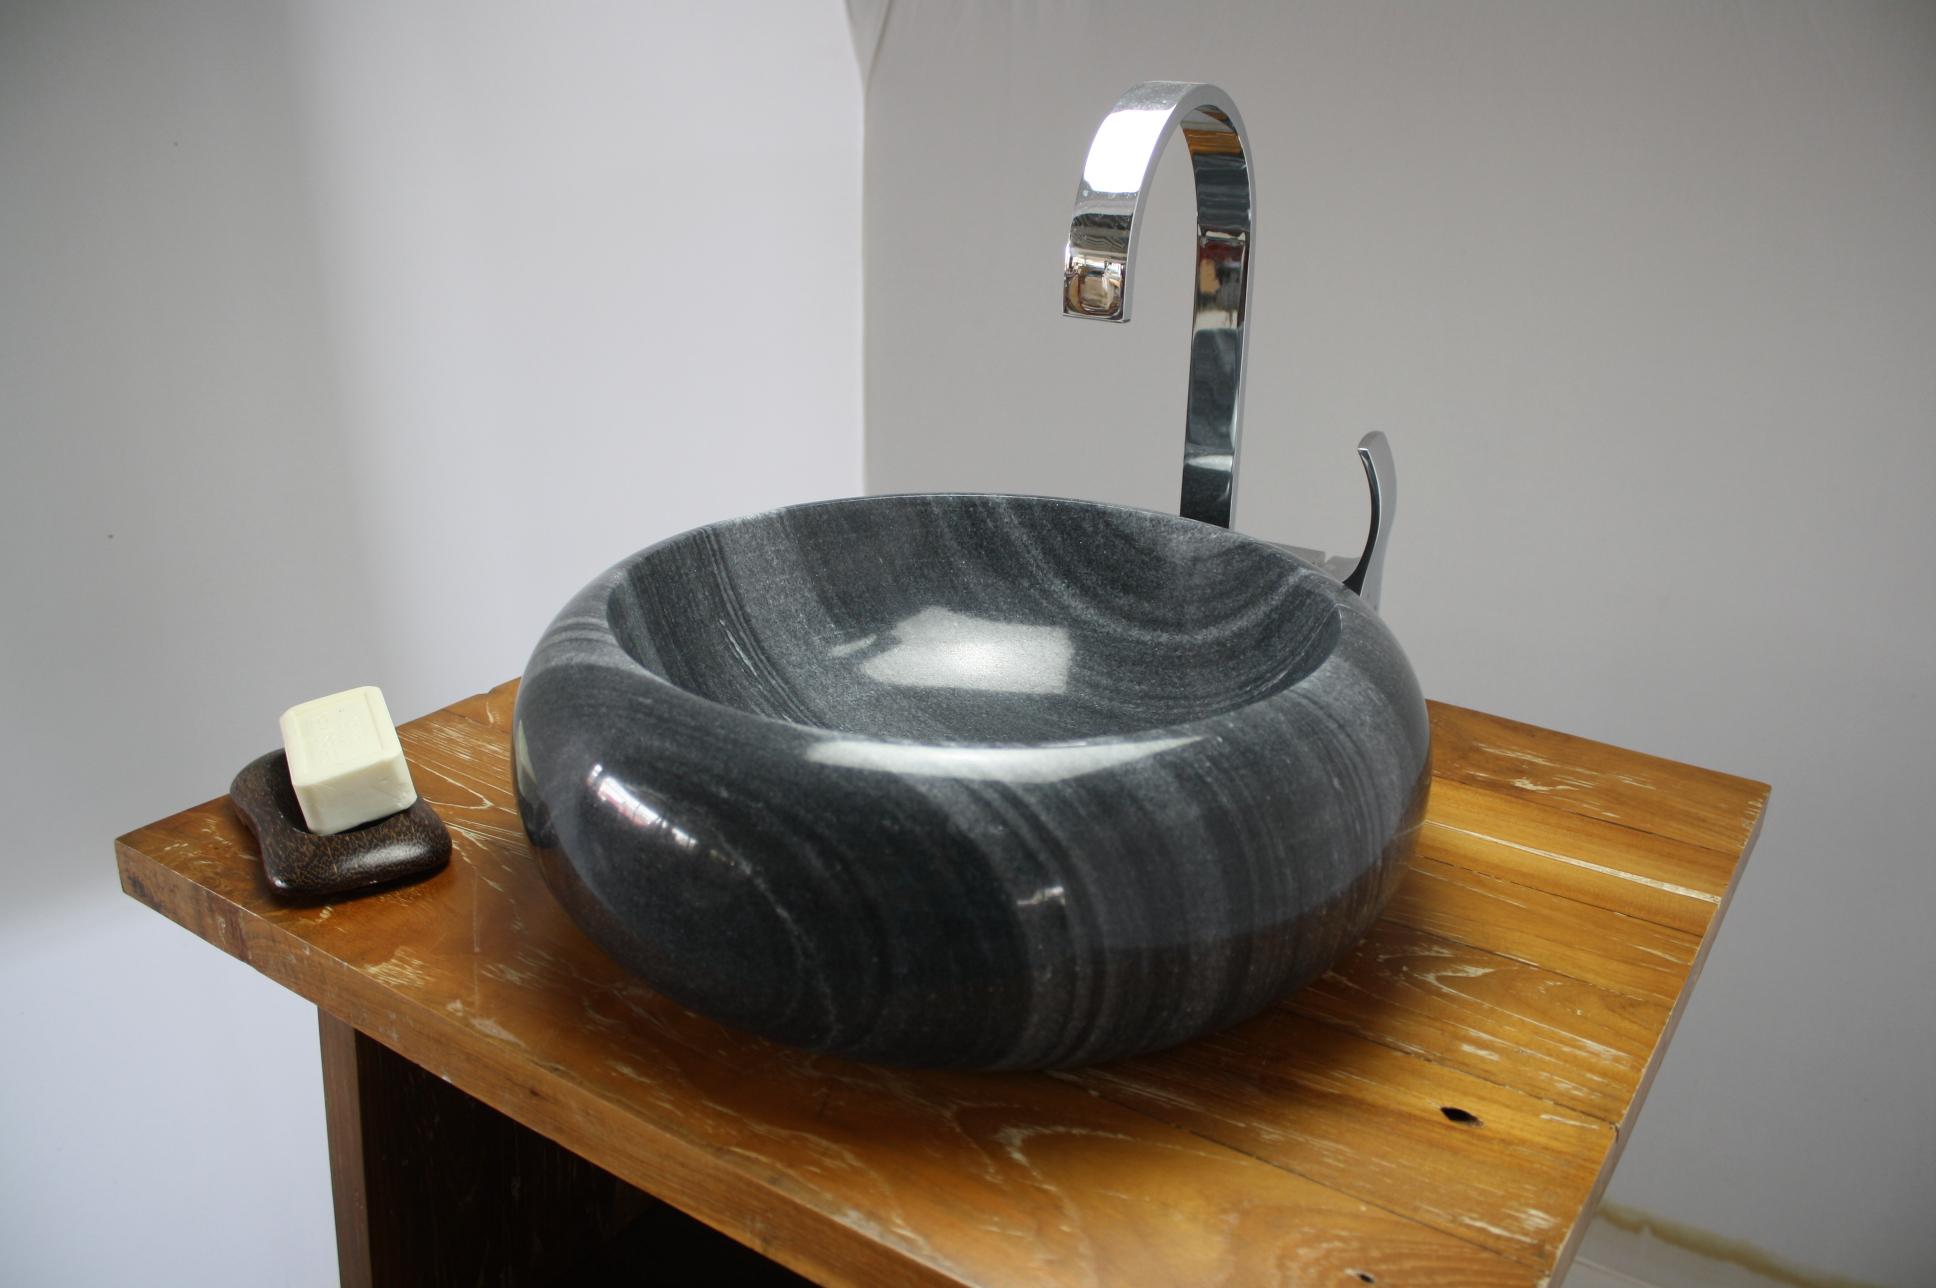 waschbecken hand aufsatz waschschale marmor natur stein waschtisch bad neu dn20. Black Bedroom Furniture Sets. Home Design Ideas